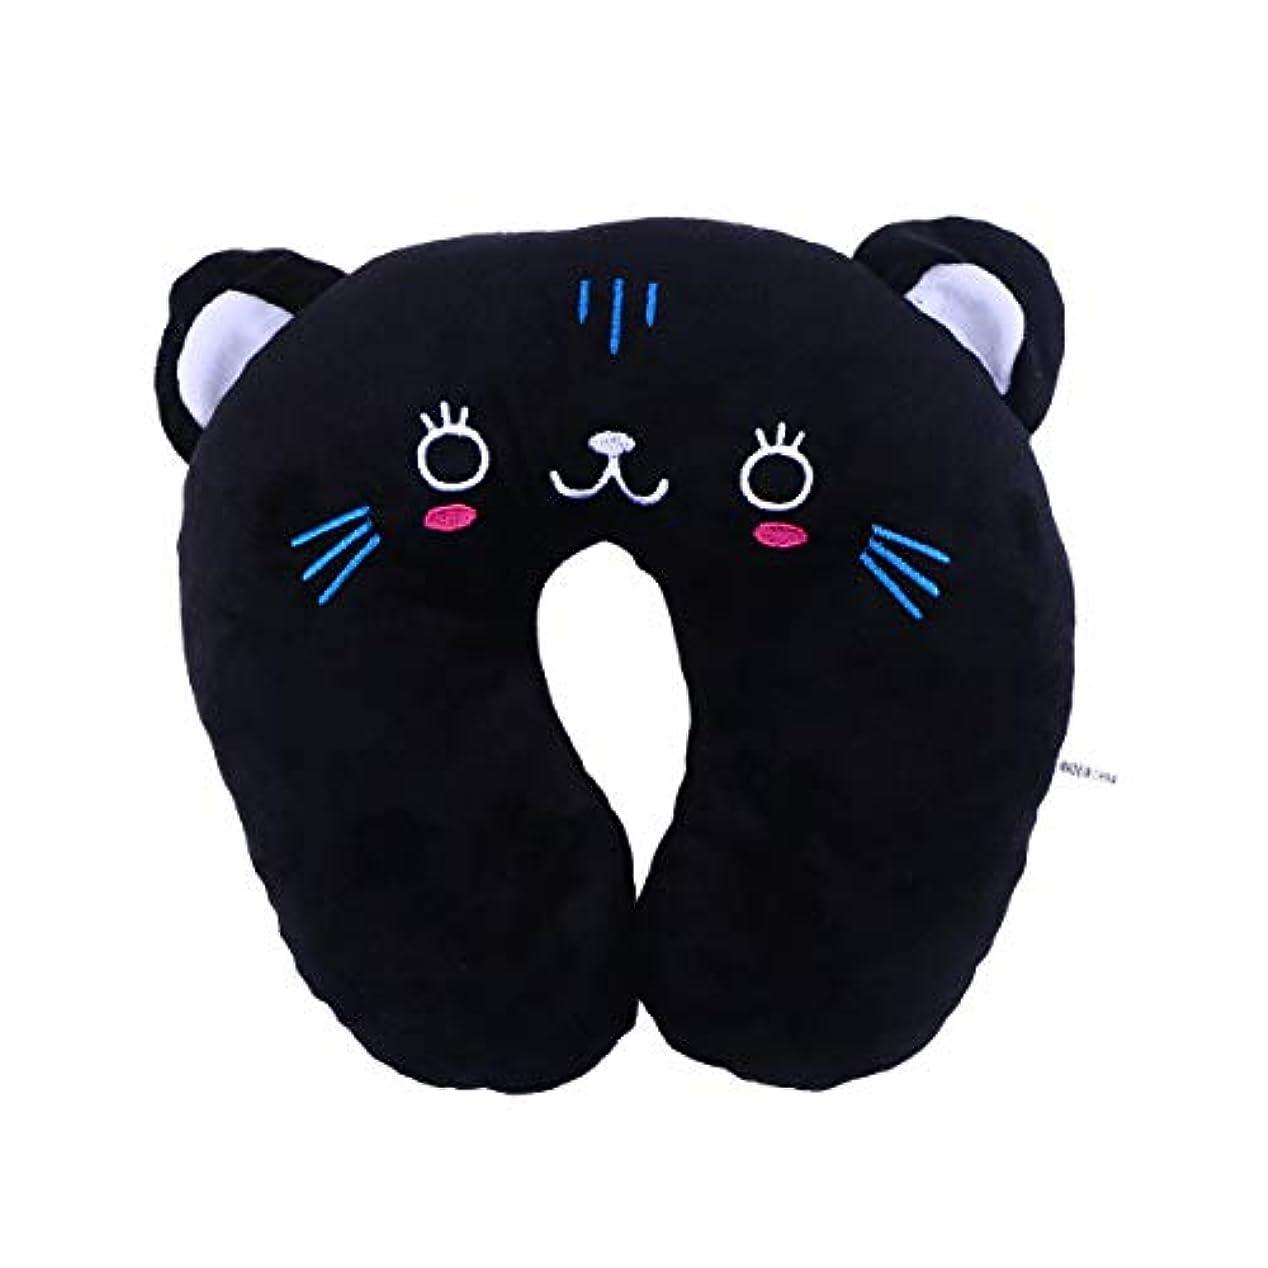 湿った逸脱快適HEALIFTY 首牽引枕漫画ぬいぐるみU字型枕首サポートクッション旅行枕飛行機のための車(黒猫)